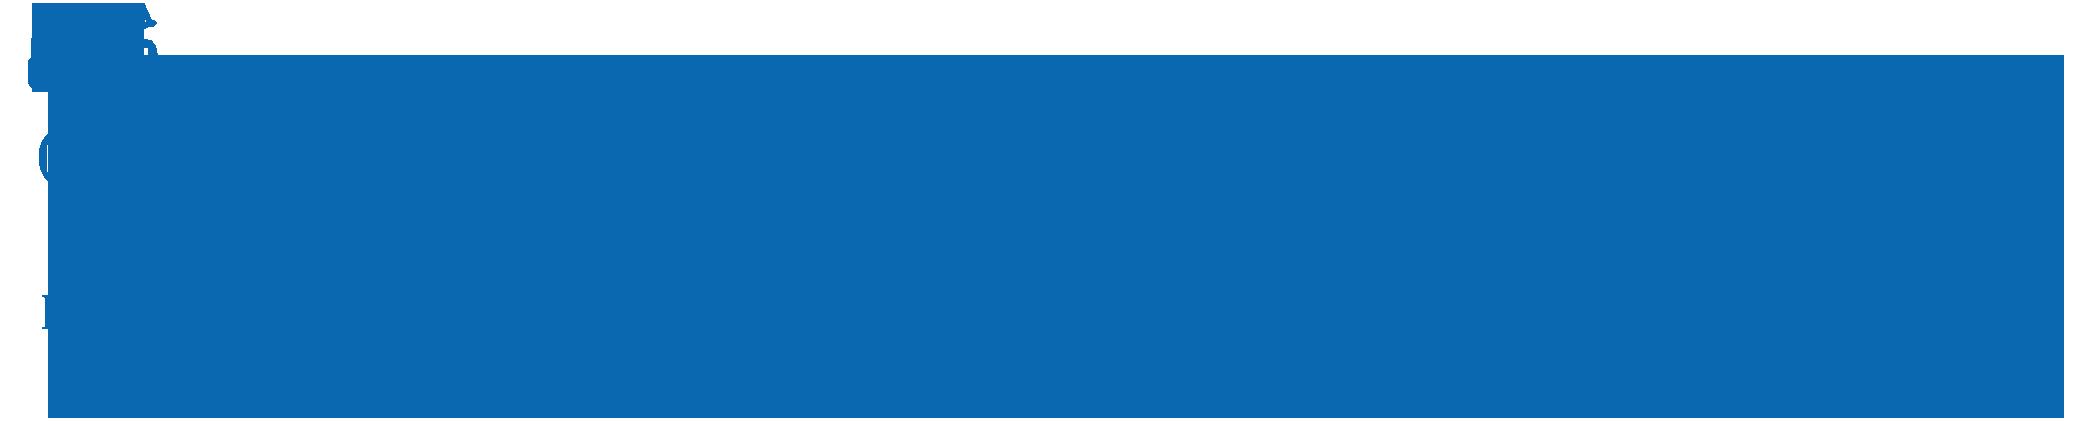 Báo Sức khỏe & Đời sống và Báo Gia đình & Xã hội kêu gọi hơn 1,8 tỷ đồng hỗ trợ Bắc Giang, Bắc Ninh chống dịch - Ảnh 1.